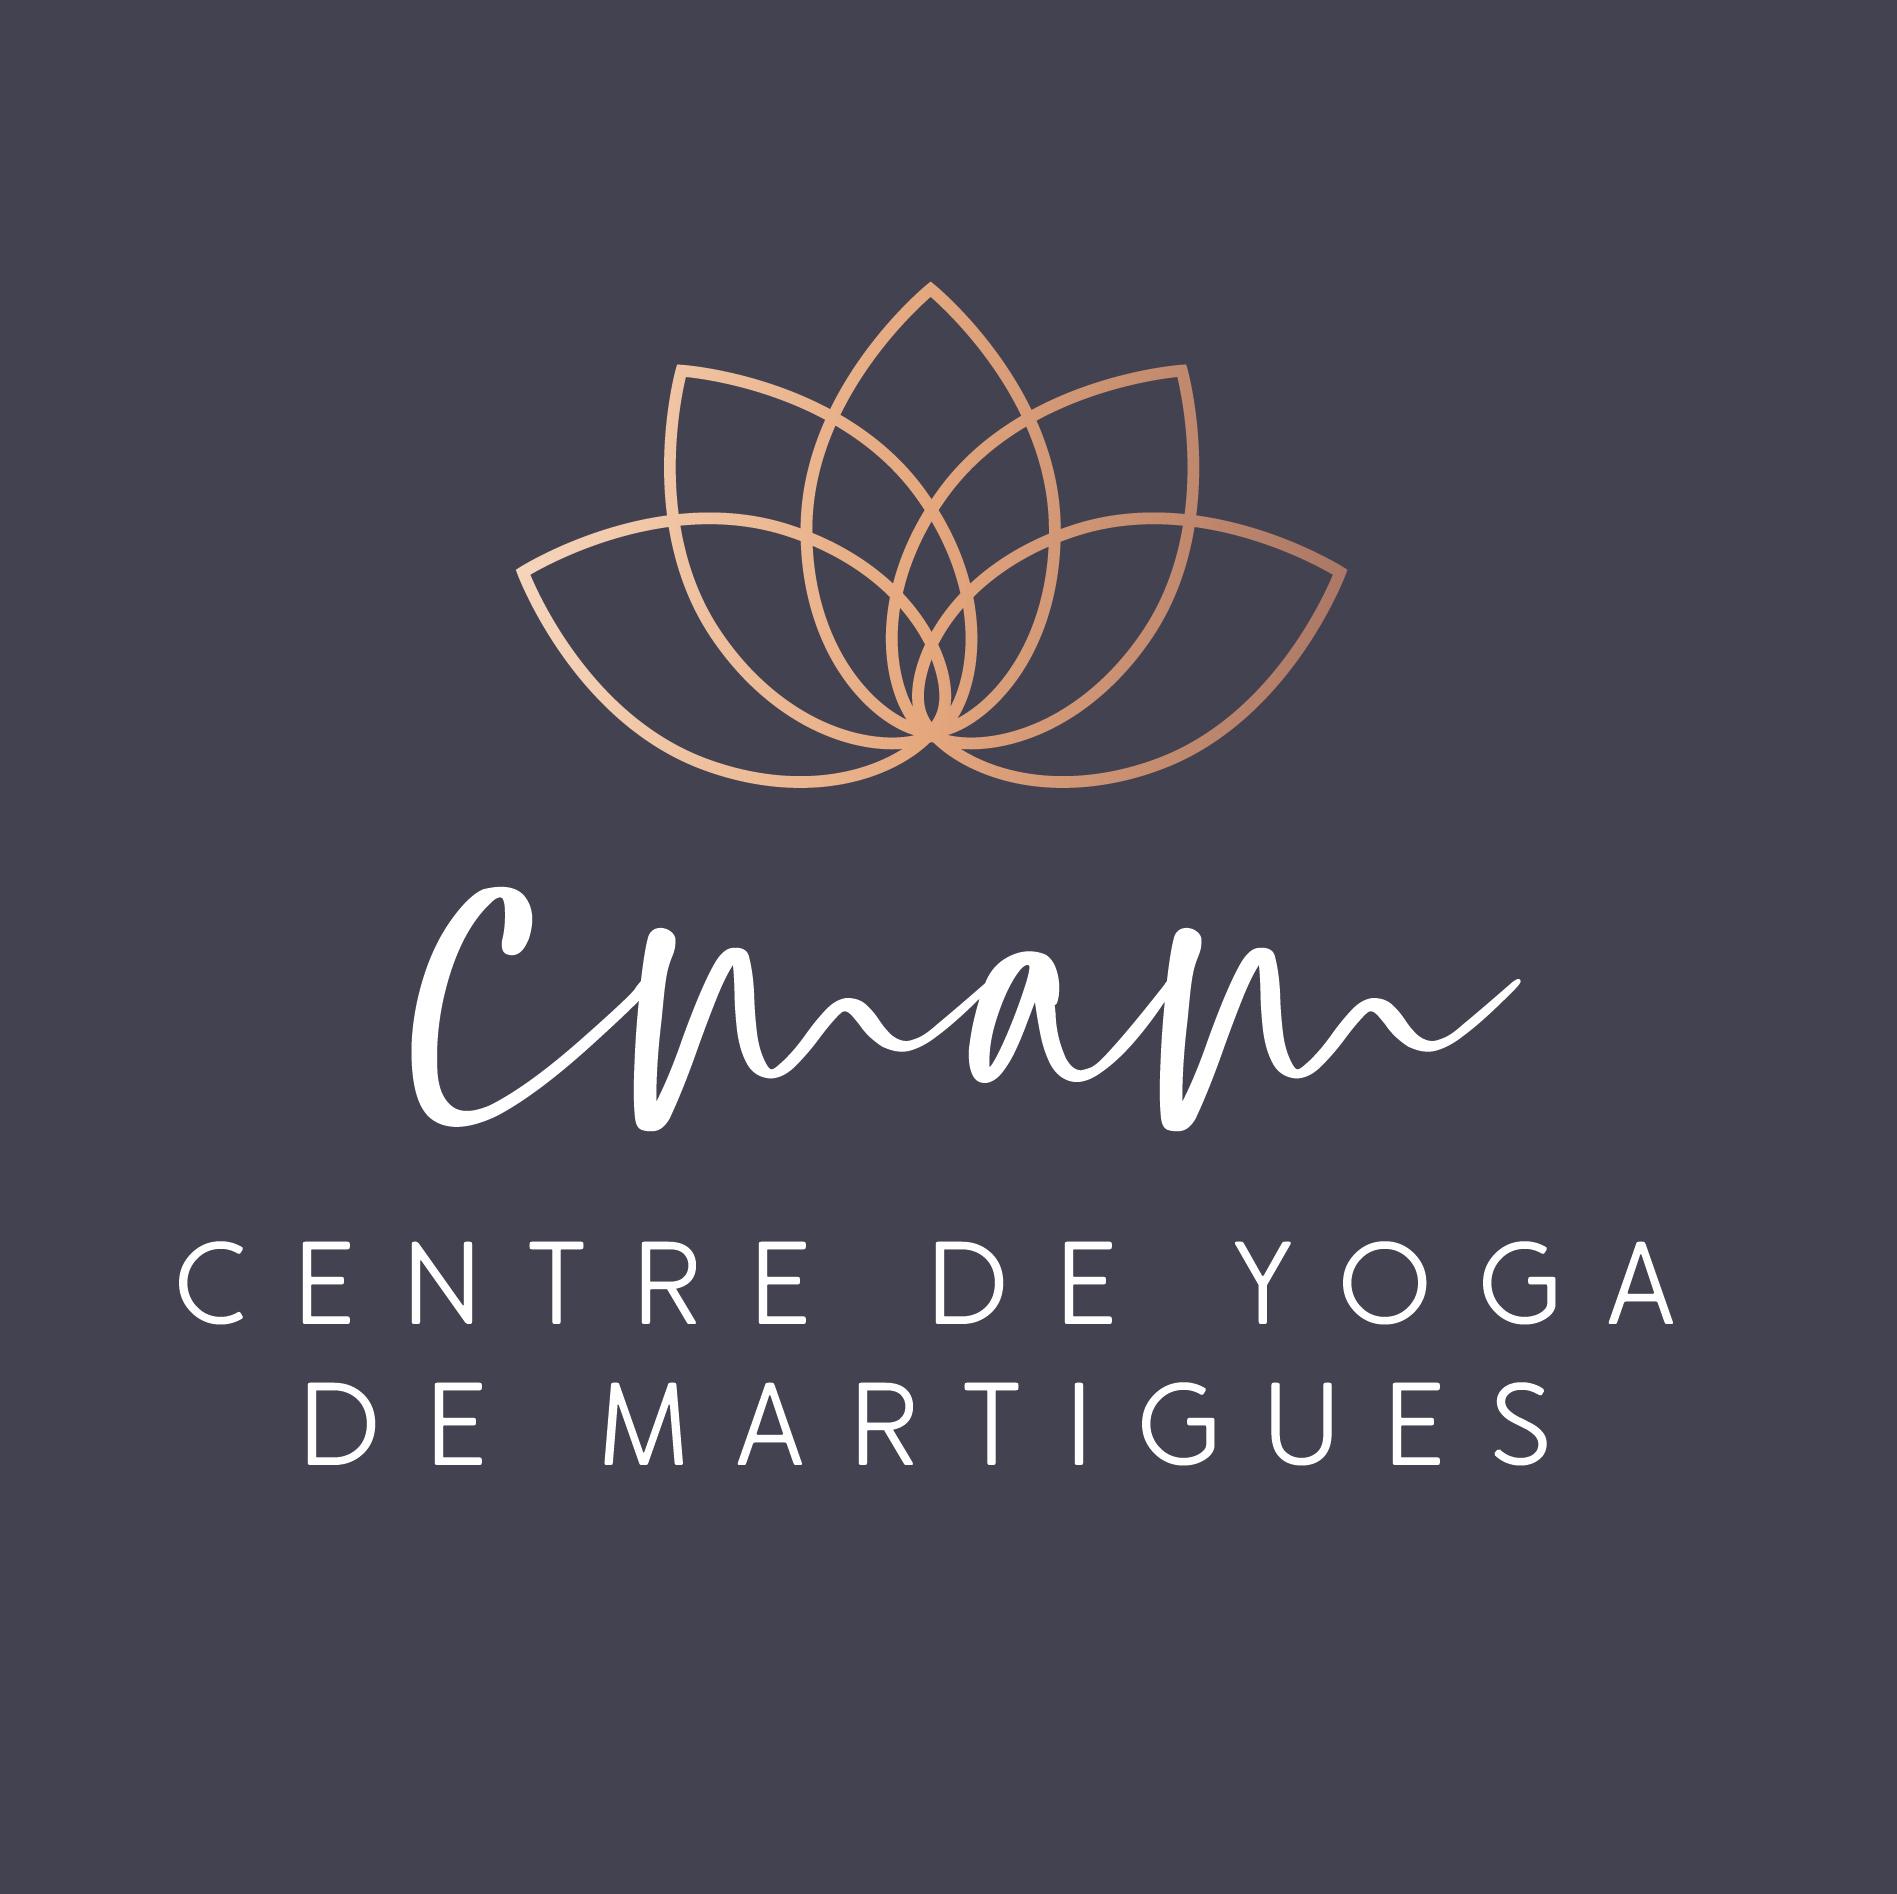 Centre de Yoga de Martigues • CMAM